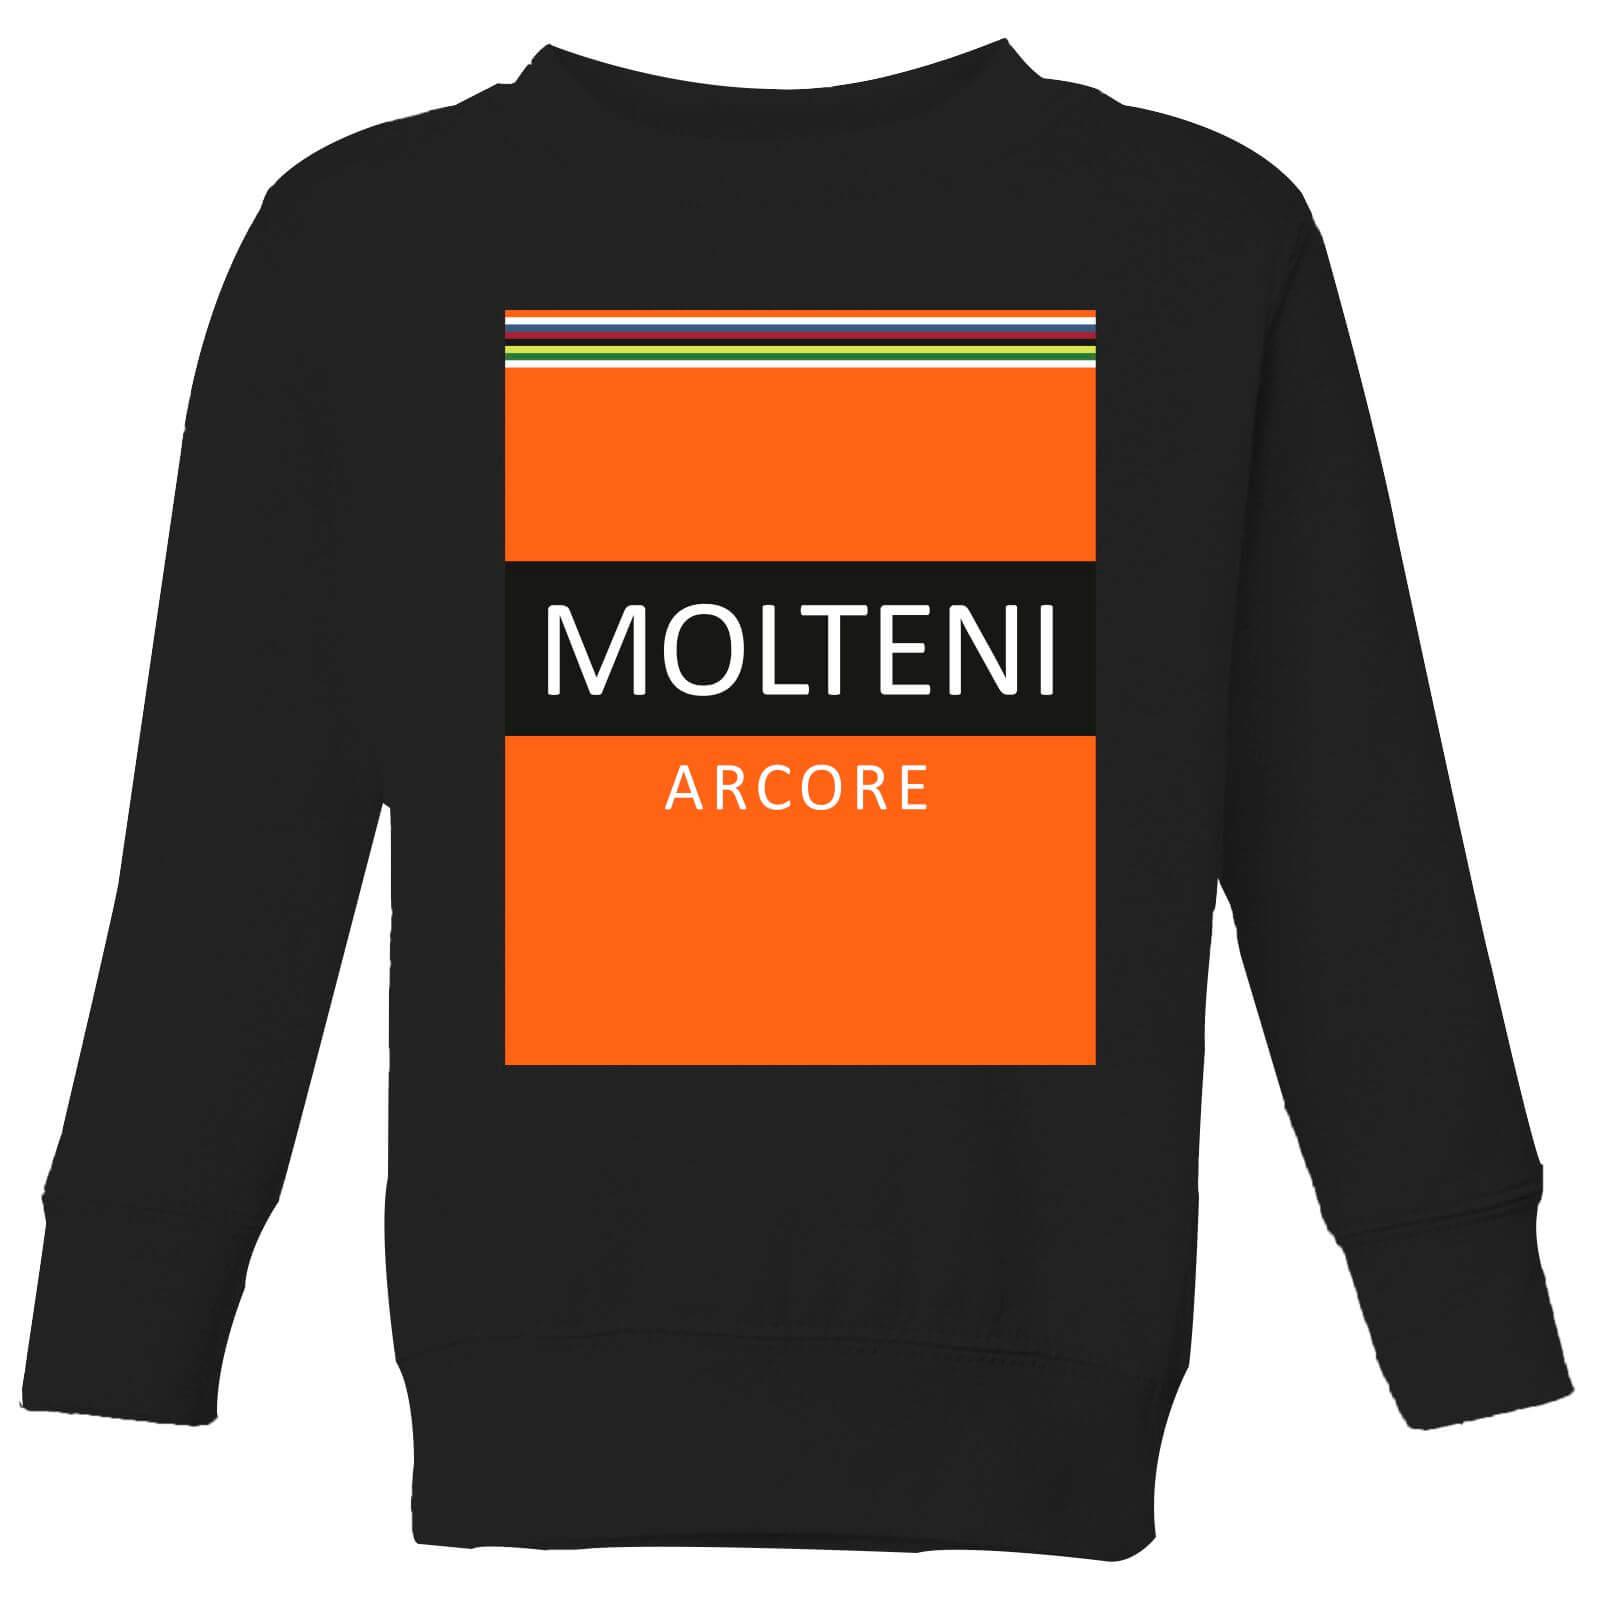 Summit Finish Molteni Kids' Sweatshirt - Black - 3-4 Jahre - Schwarz